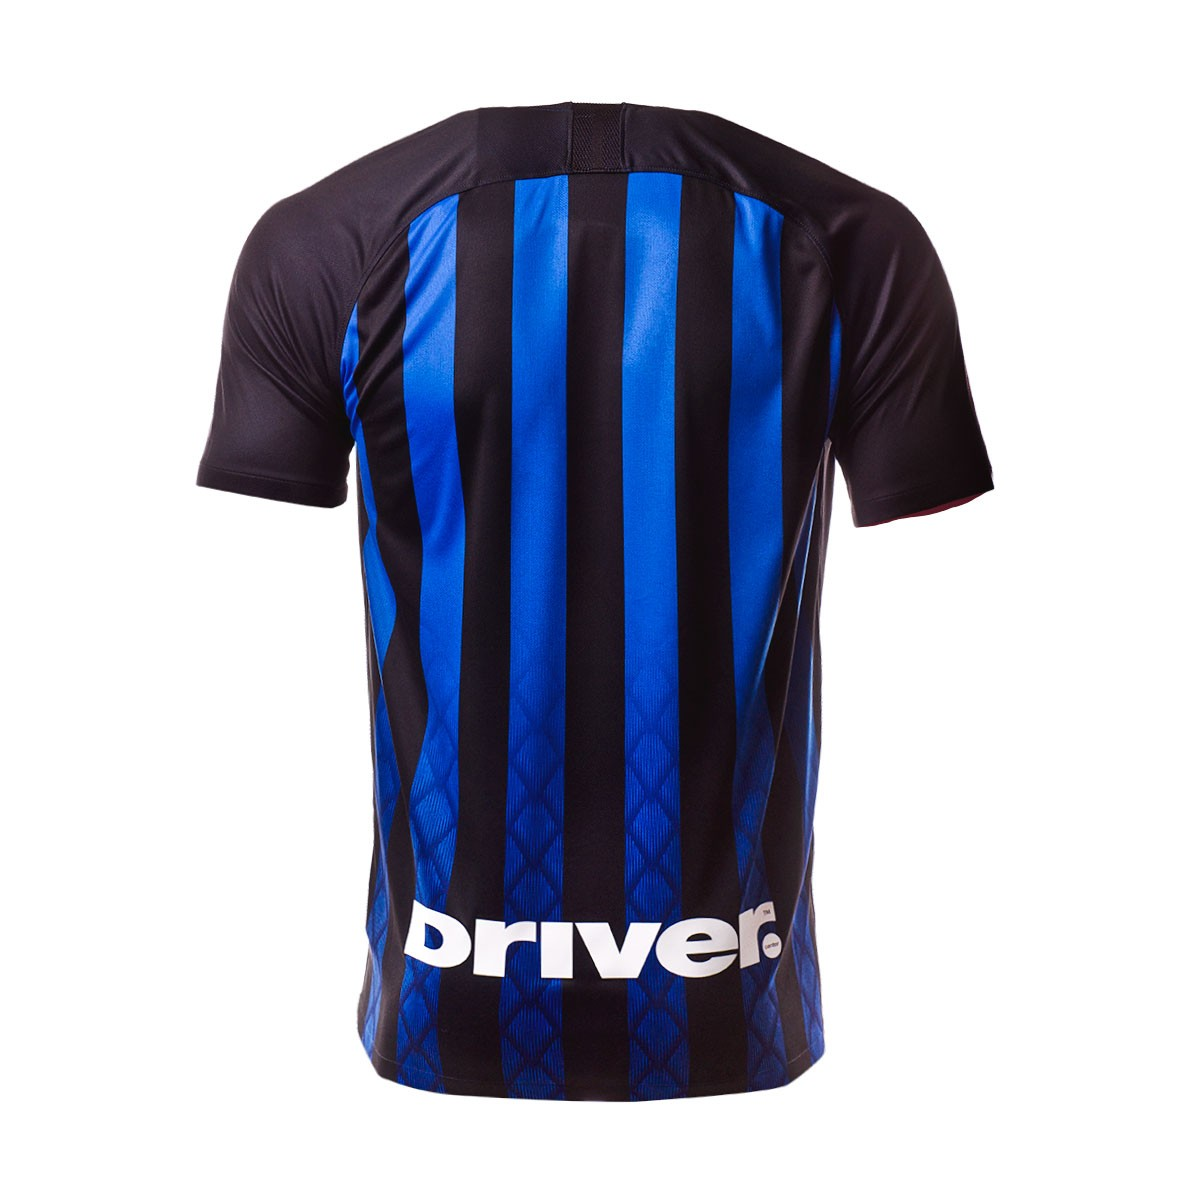 ... Camiseta Inter Milán Stadium Primera Equipación 2018-2019 Black-Truly  gold. Categorías de la Camiseta. Productos oficiales fe7adca4804